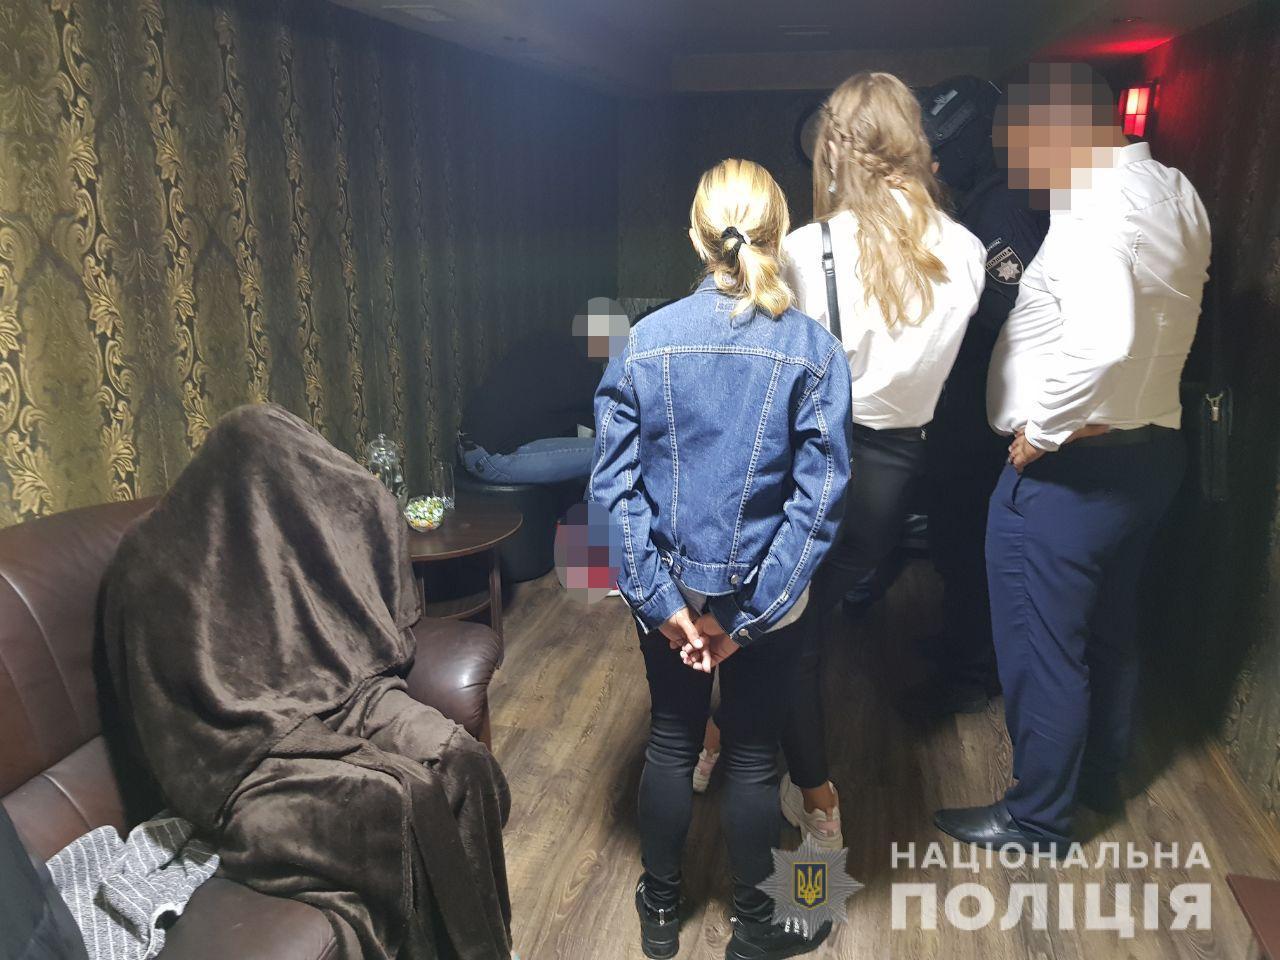 Надавали сексуальні послуги: у центрі Луцька правоохоронці викрили салон еротичного масажу